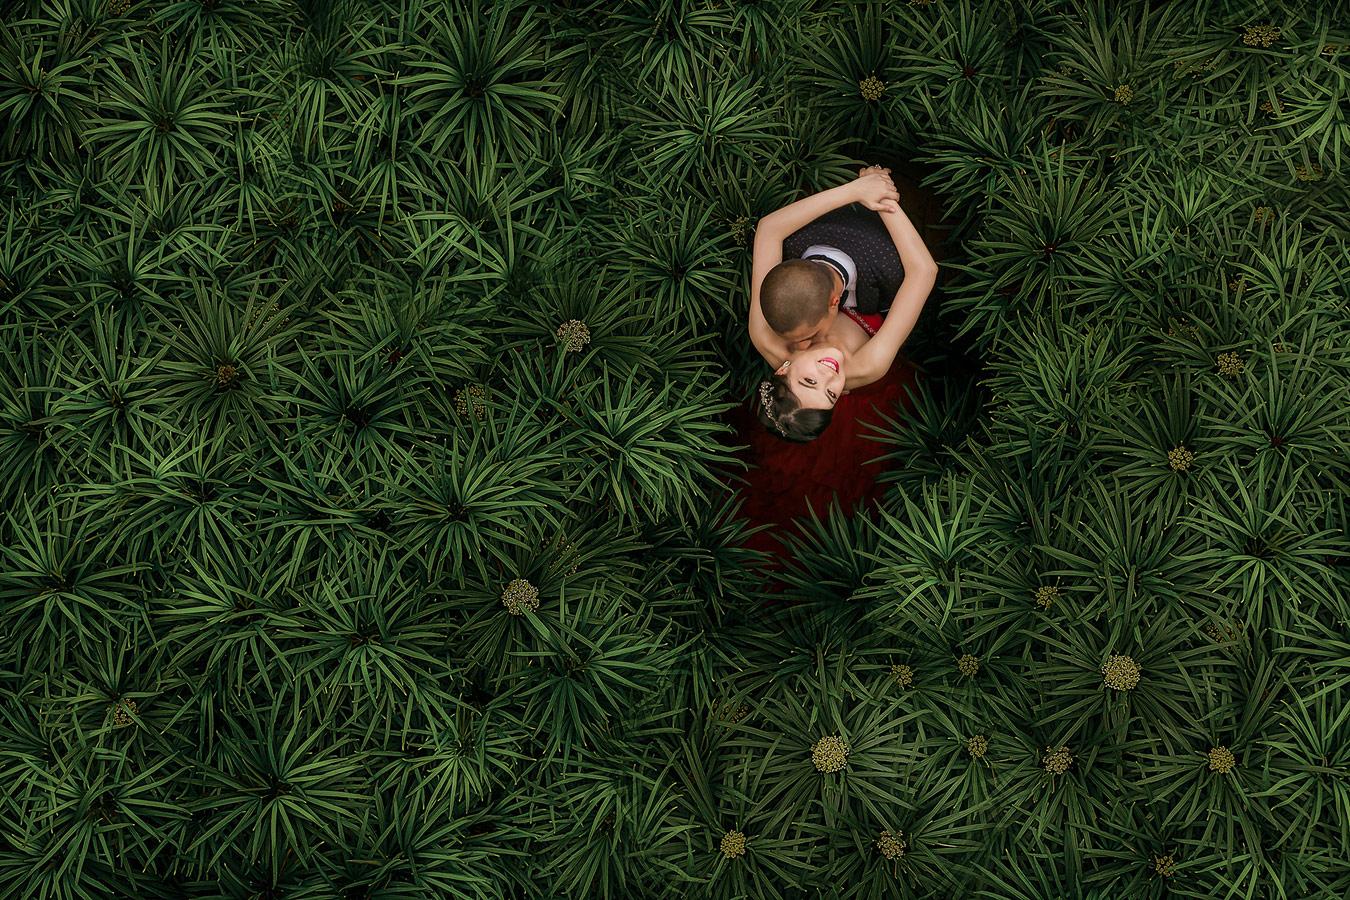 Сун Рекс / Soon Rex, Первое место в категории «Портрет — Объятия», Фотоконкурс WPPI First Half Competition 2017